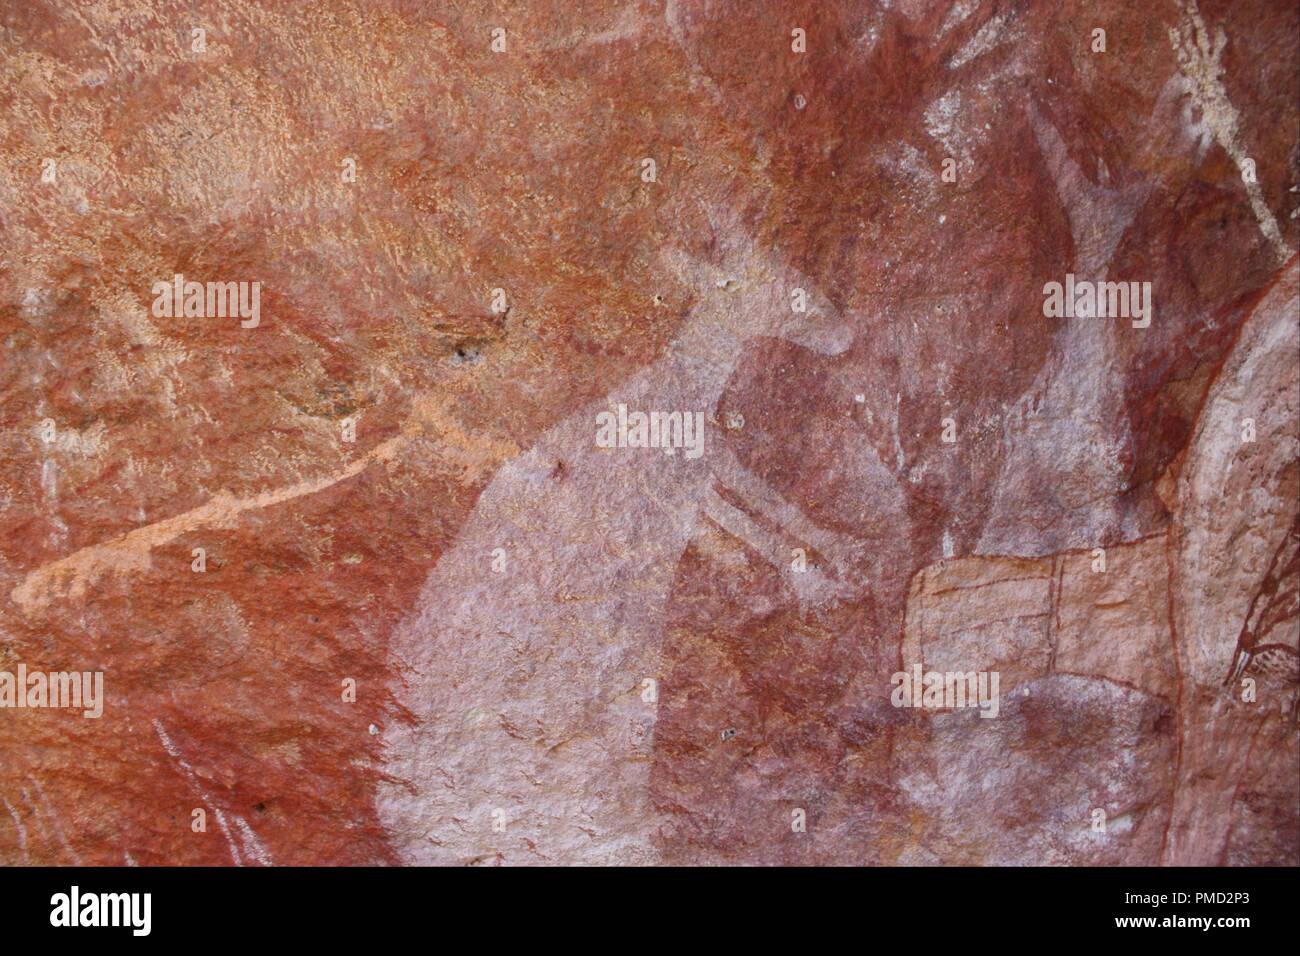 Canguro bianco. Data/Periodo: 1800 - 1899. La pittura. Autore: Sconosciuto. Immagini Stock